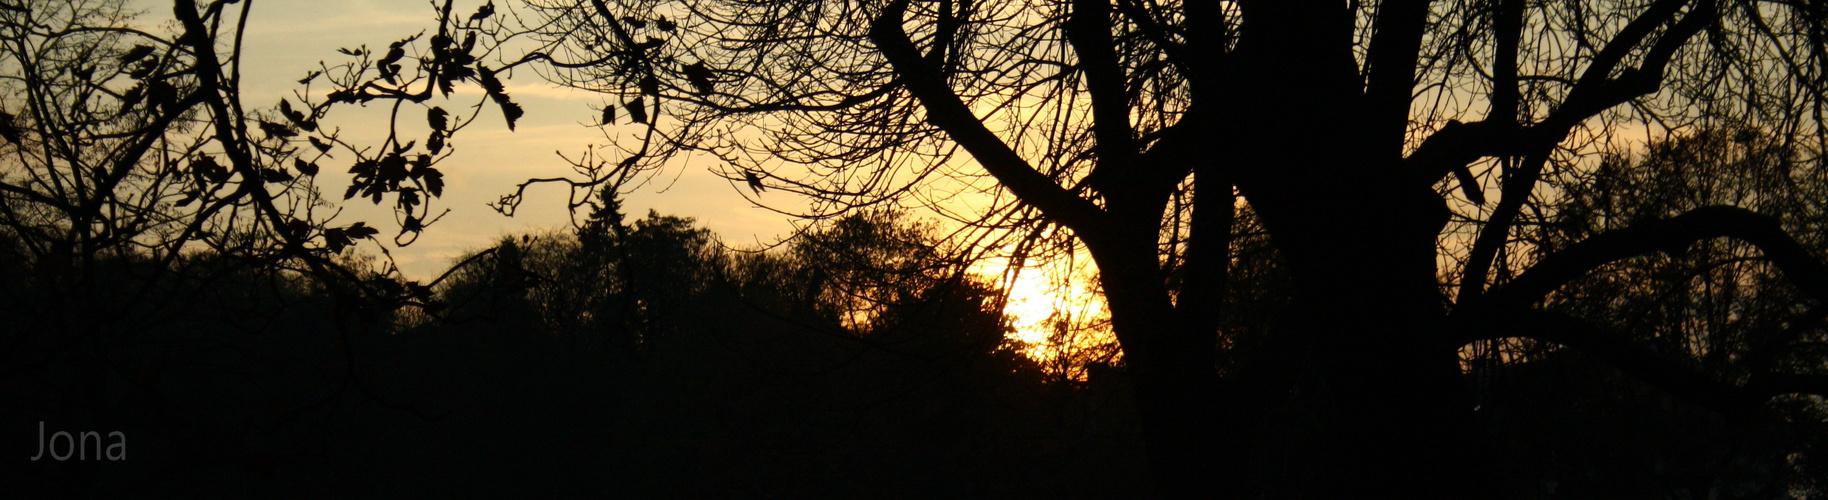 Le soleil au bois dormant